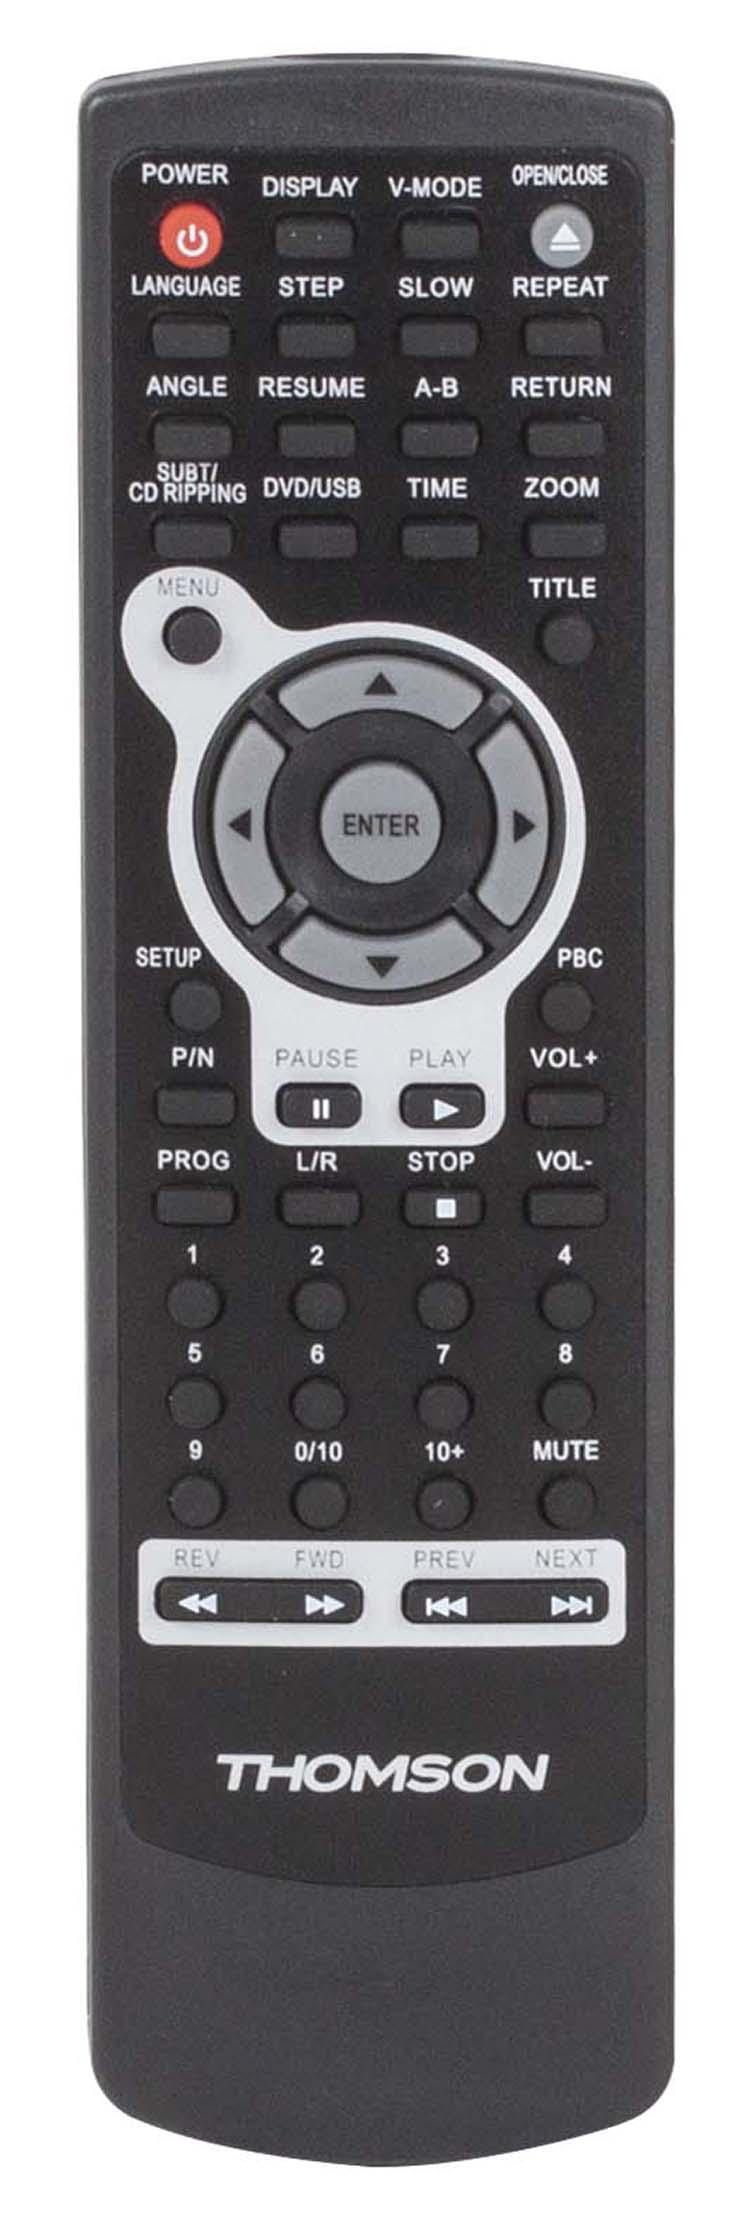 lecteur dvd dvd130h thomson bigben fr sound accessoires gaming mobile tablette jeux vid o. Black Bedroom Furniture Sets. Home Design Ideas